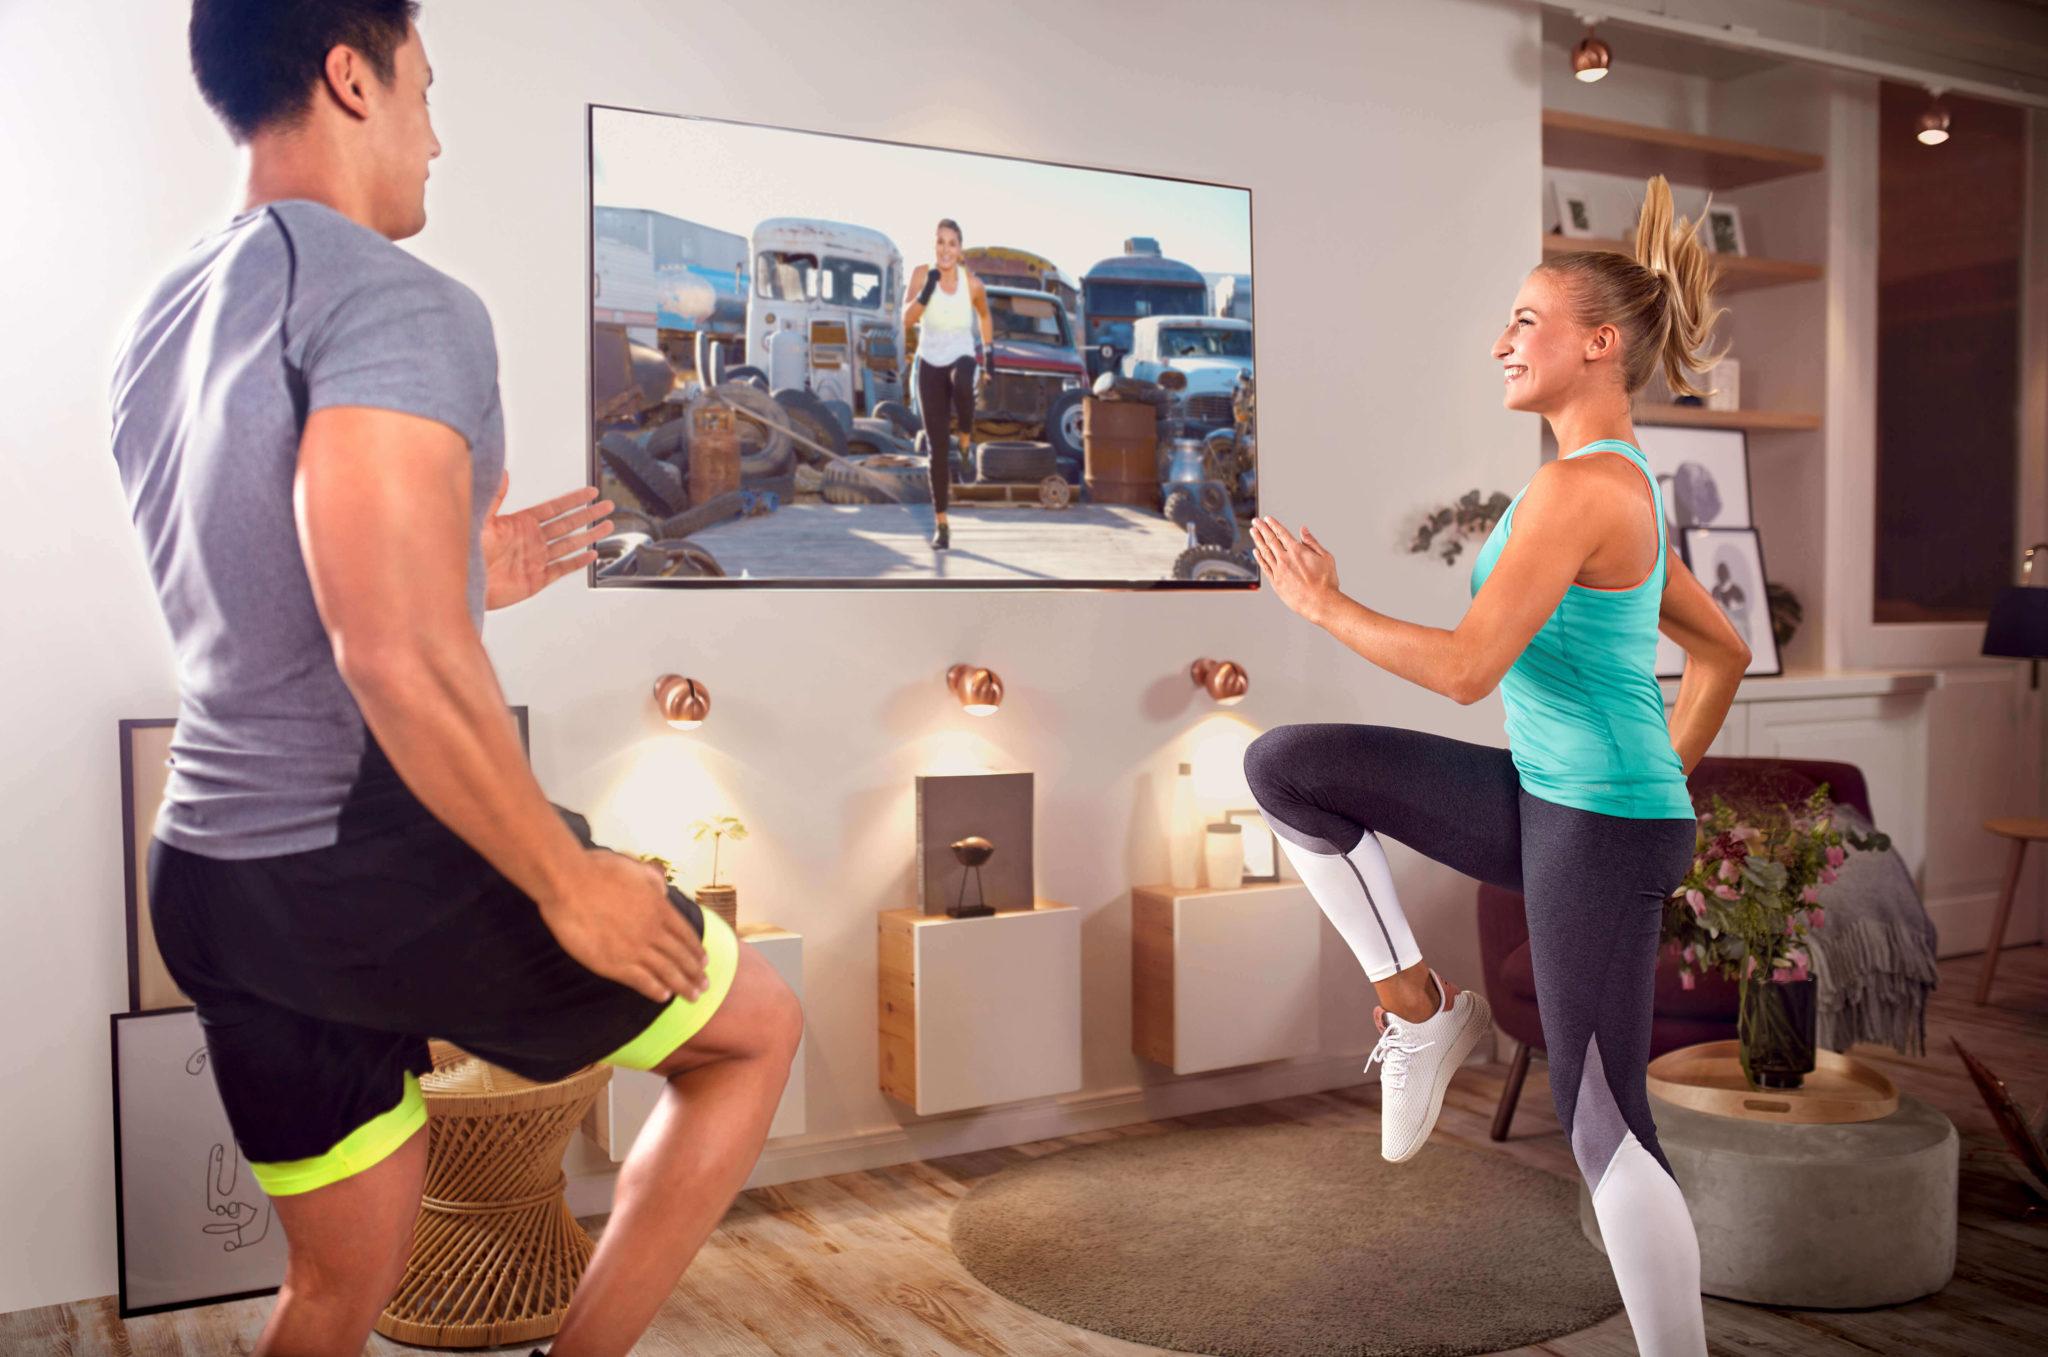 kobieta i mężczyzna ćwiczą przed ekranem